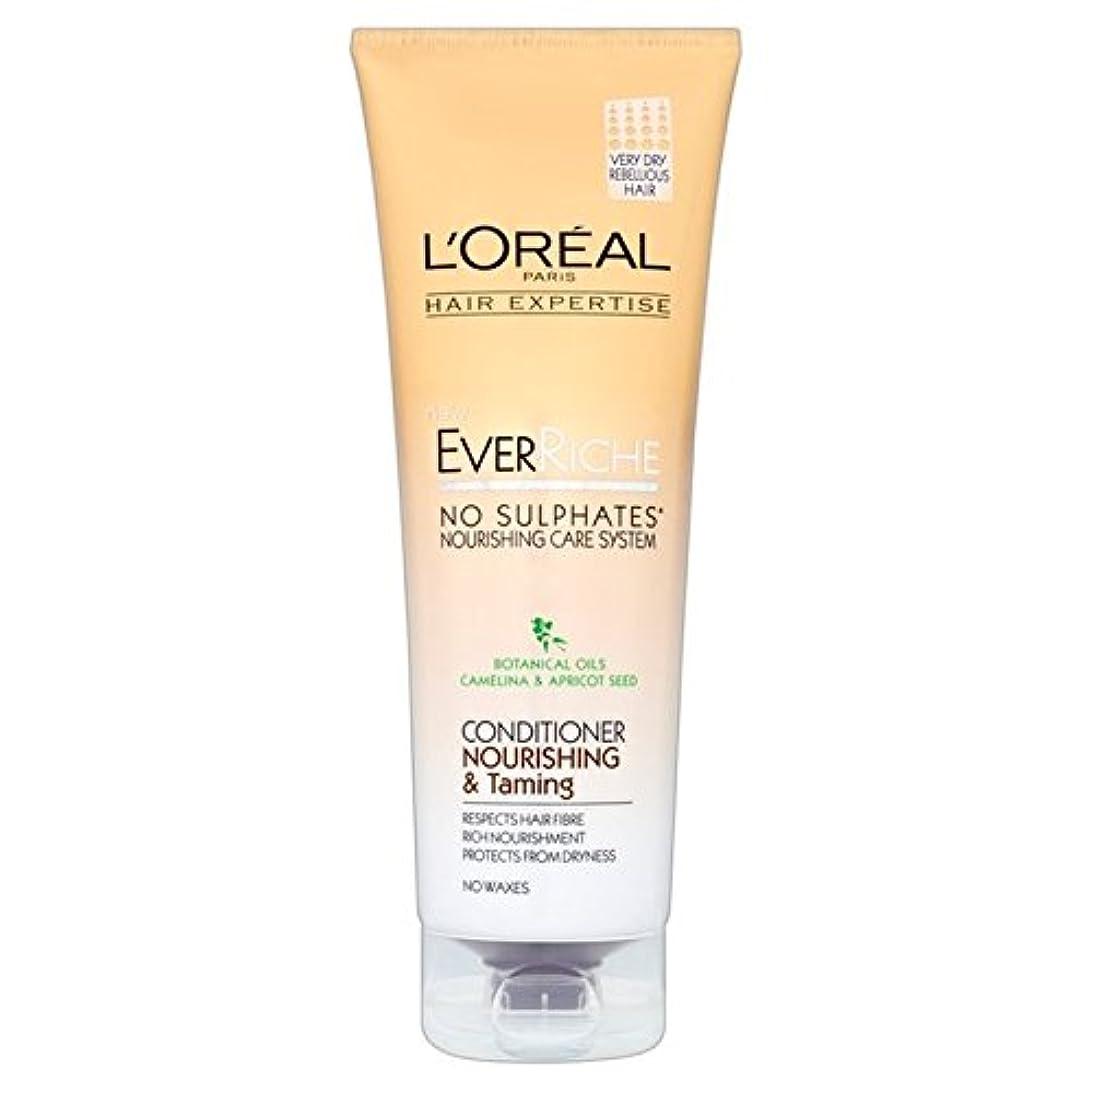 強大な落花生思いやりのあるL'Oreal Hair Expertise Ever Riche Conditioner Nour & Taming 250ml - ロレアルの髪の専門知識、これまでリッシュコンディショナーヌール&調教250ミリリットル...